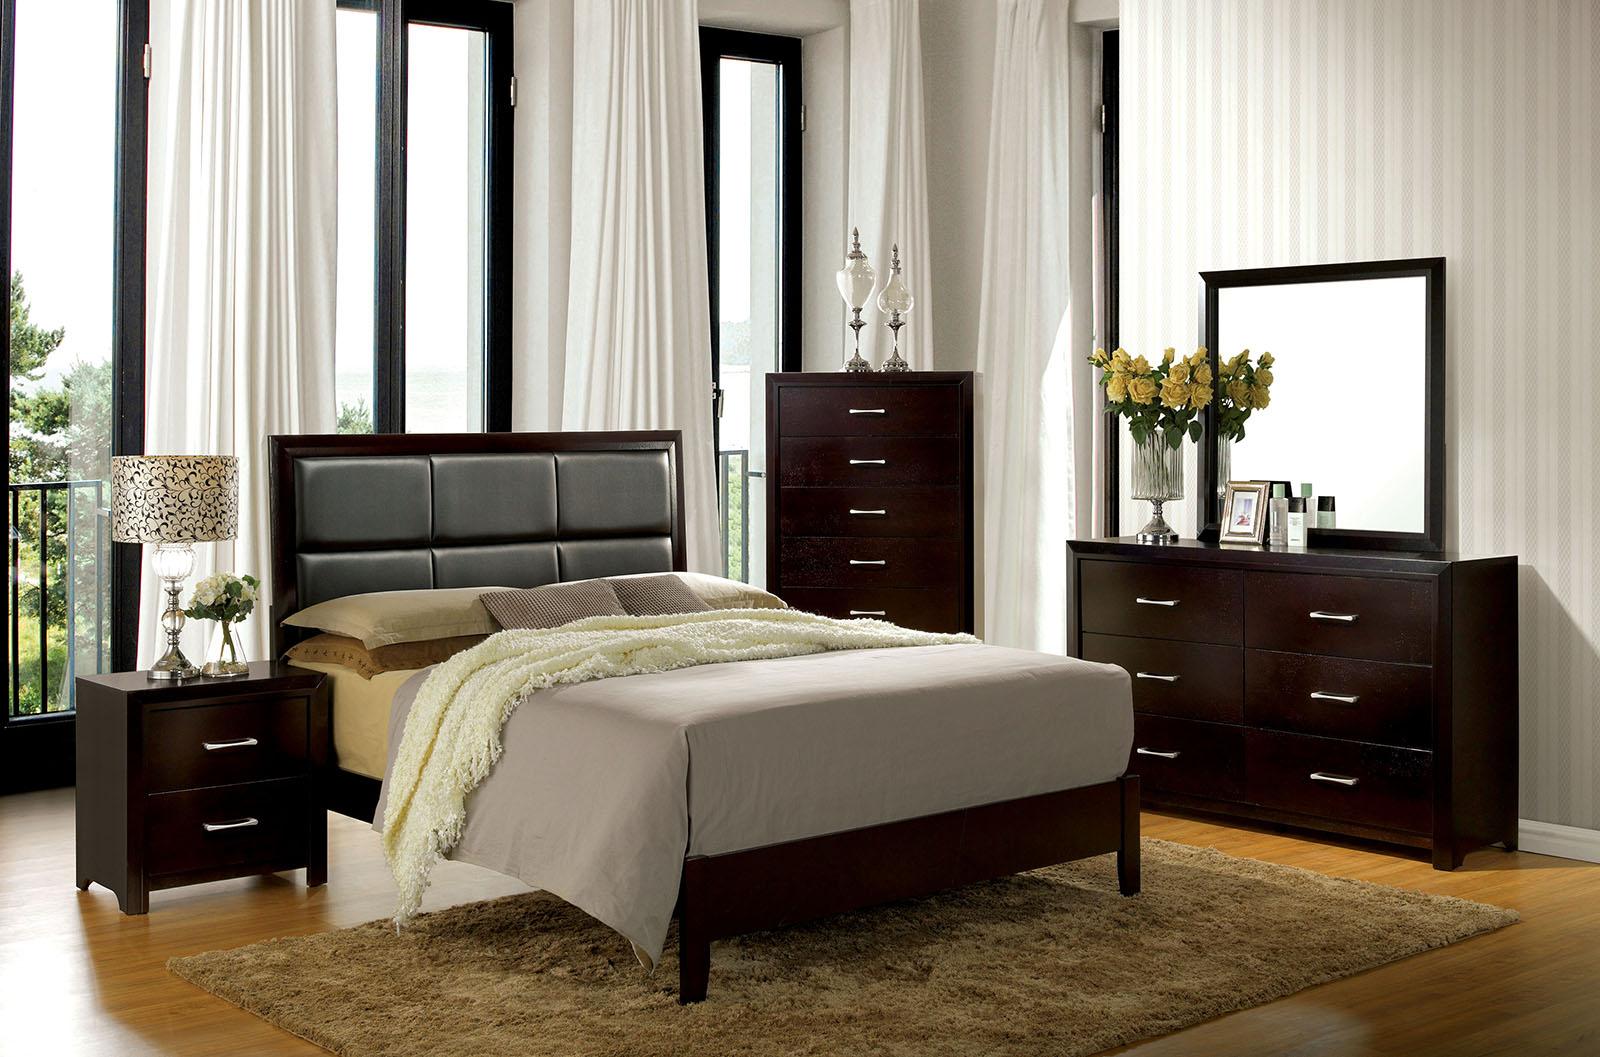 Janine cm7868 4pc bedroom set furniture mattress los - Bedroom furniture sets los angeles ...